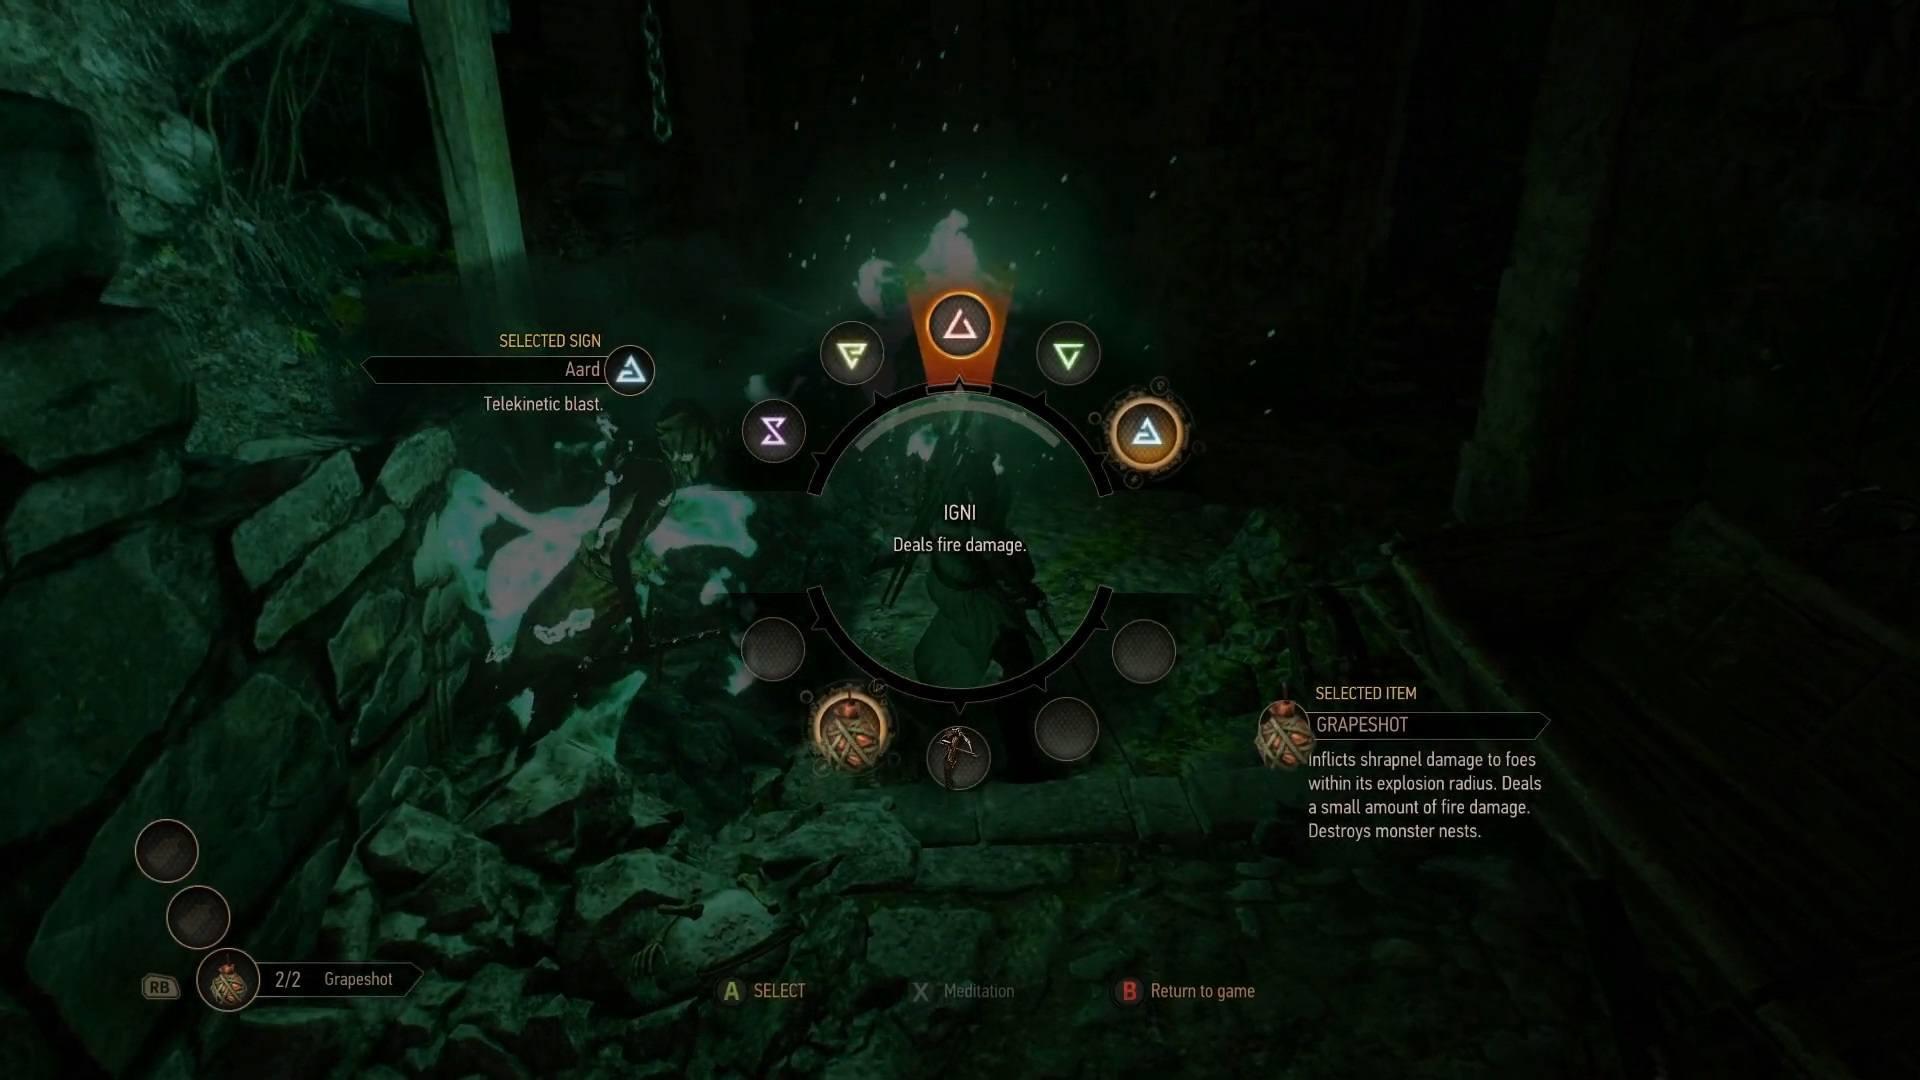 witcher 3 wild hunt combat UI signs and spells